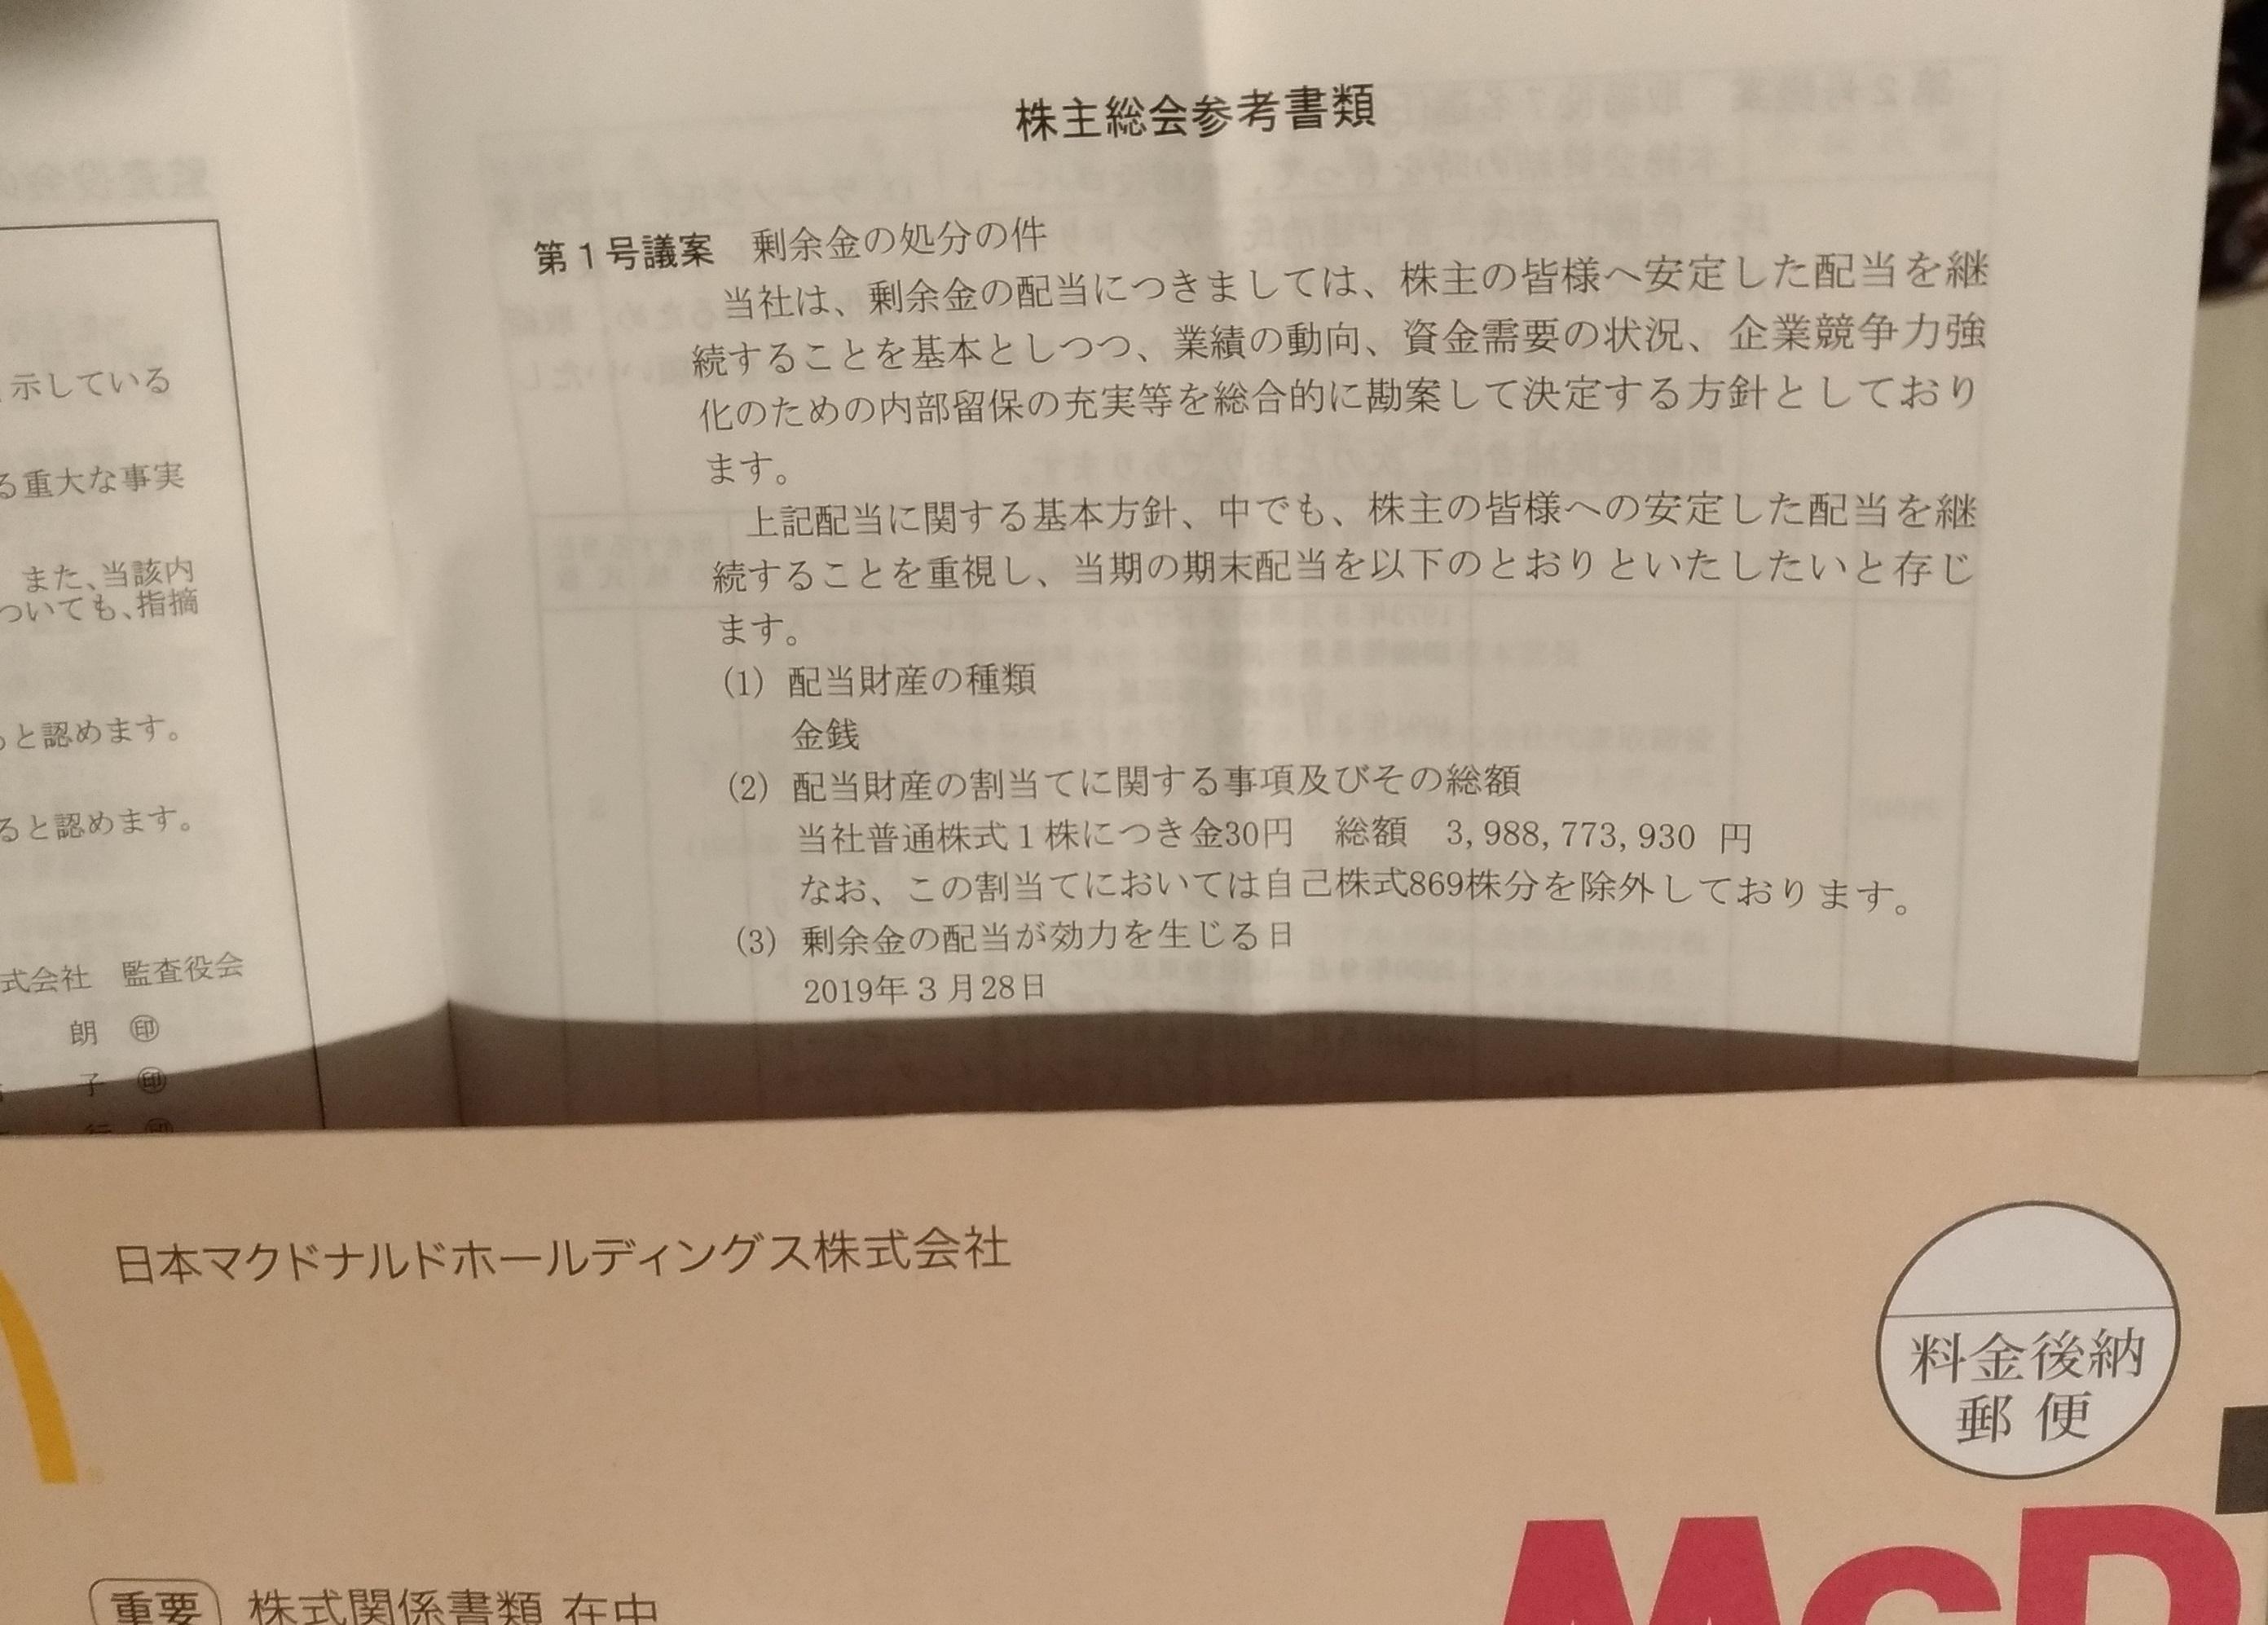 macdonalds_haito_yutai_2019_1.jpg